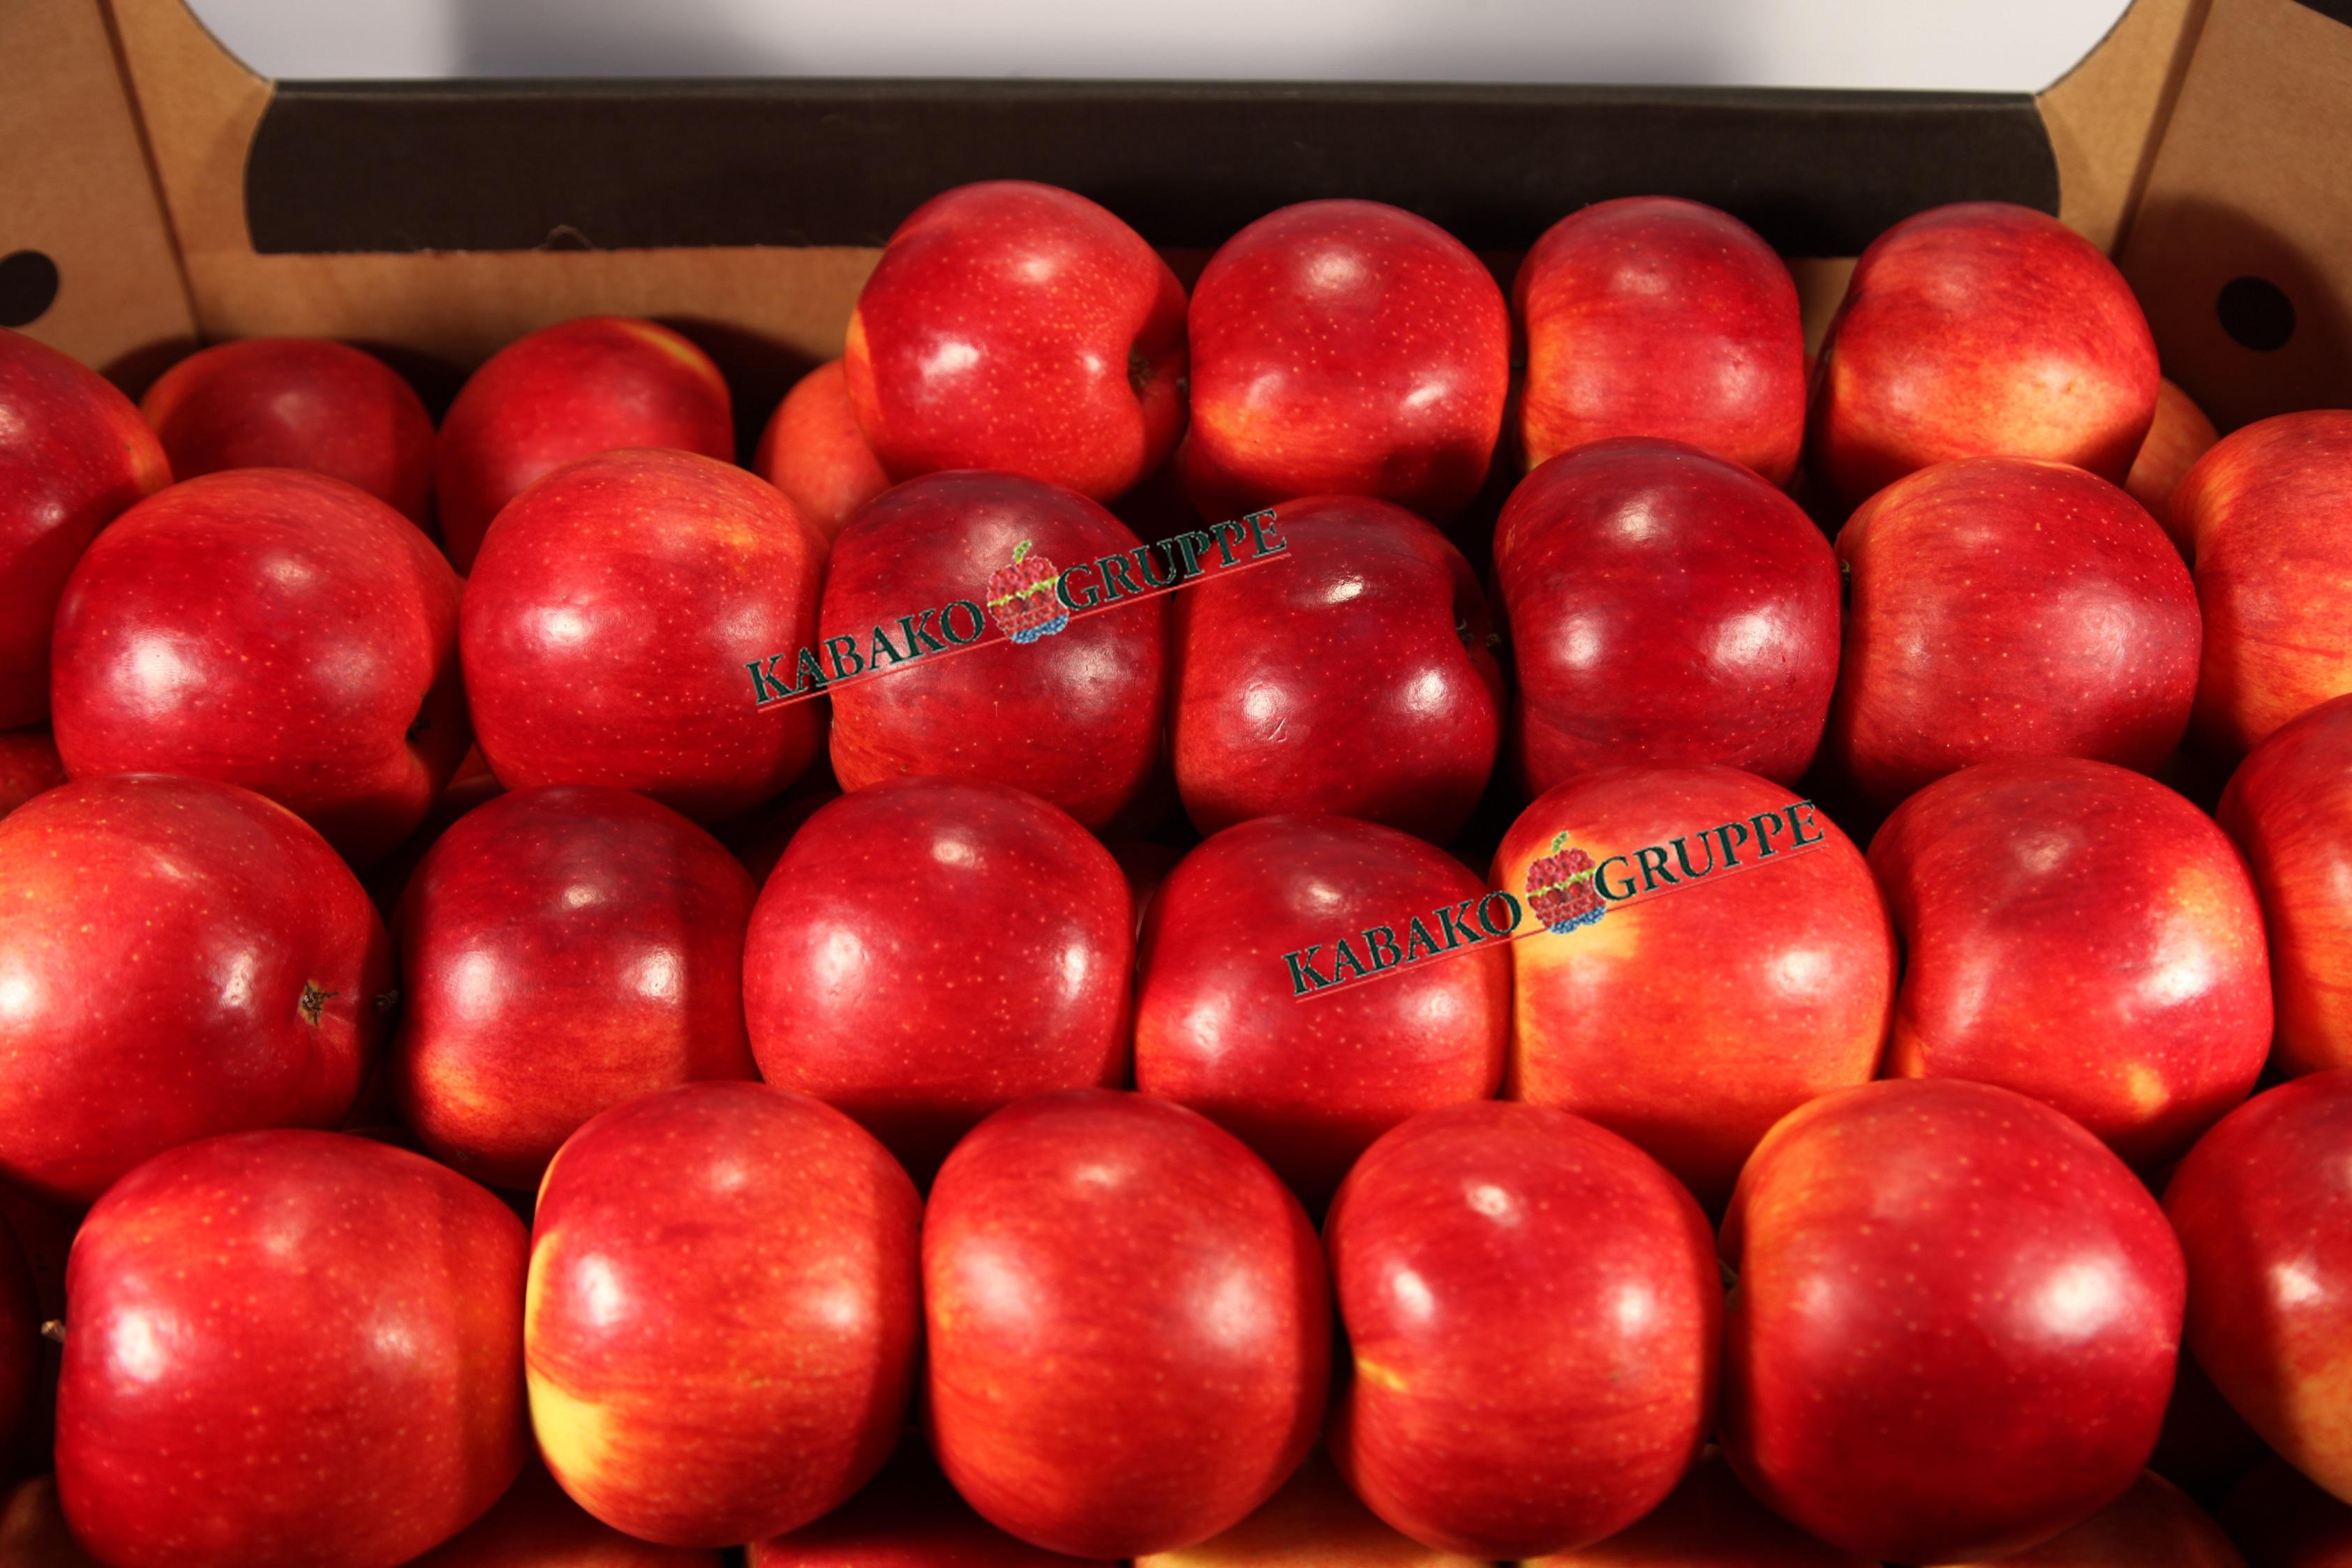 Frozen (IQF) Apples 50